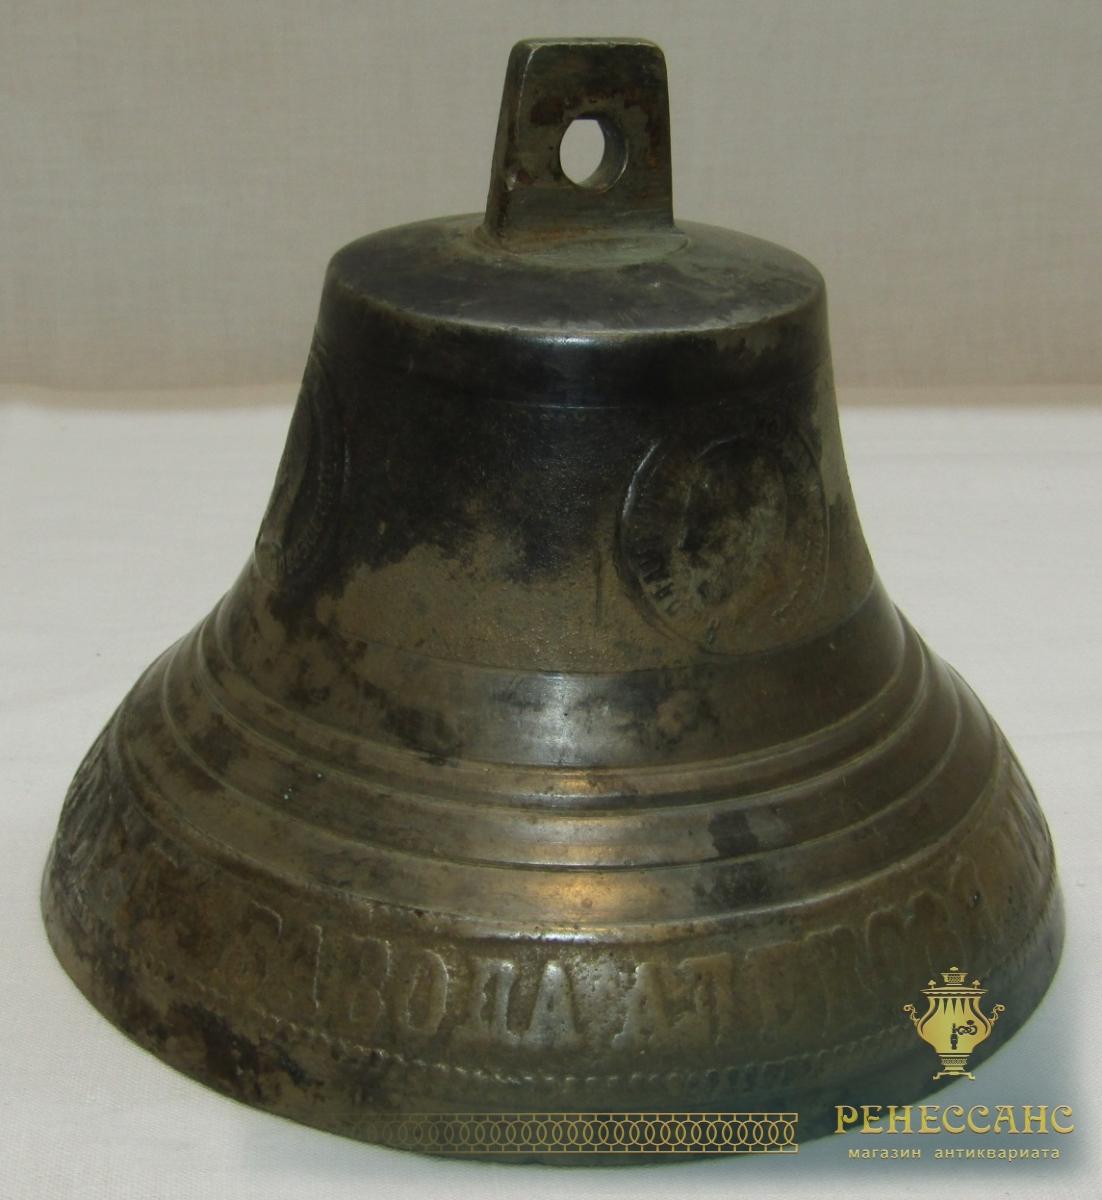 Колокольчик старинный, колокол поддужный «Трошин Пурех» 19 век №6271